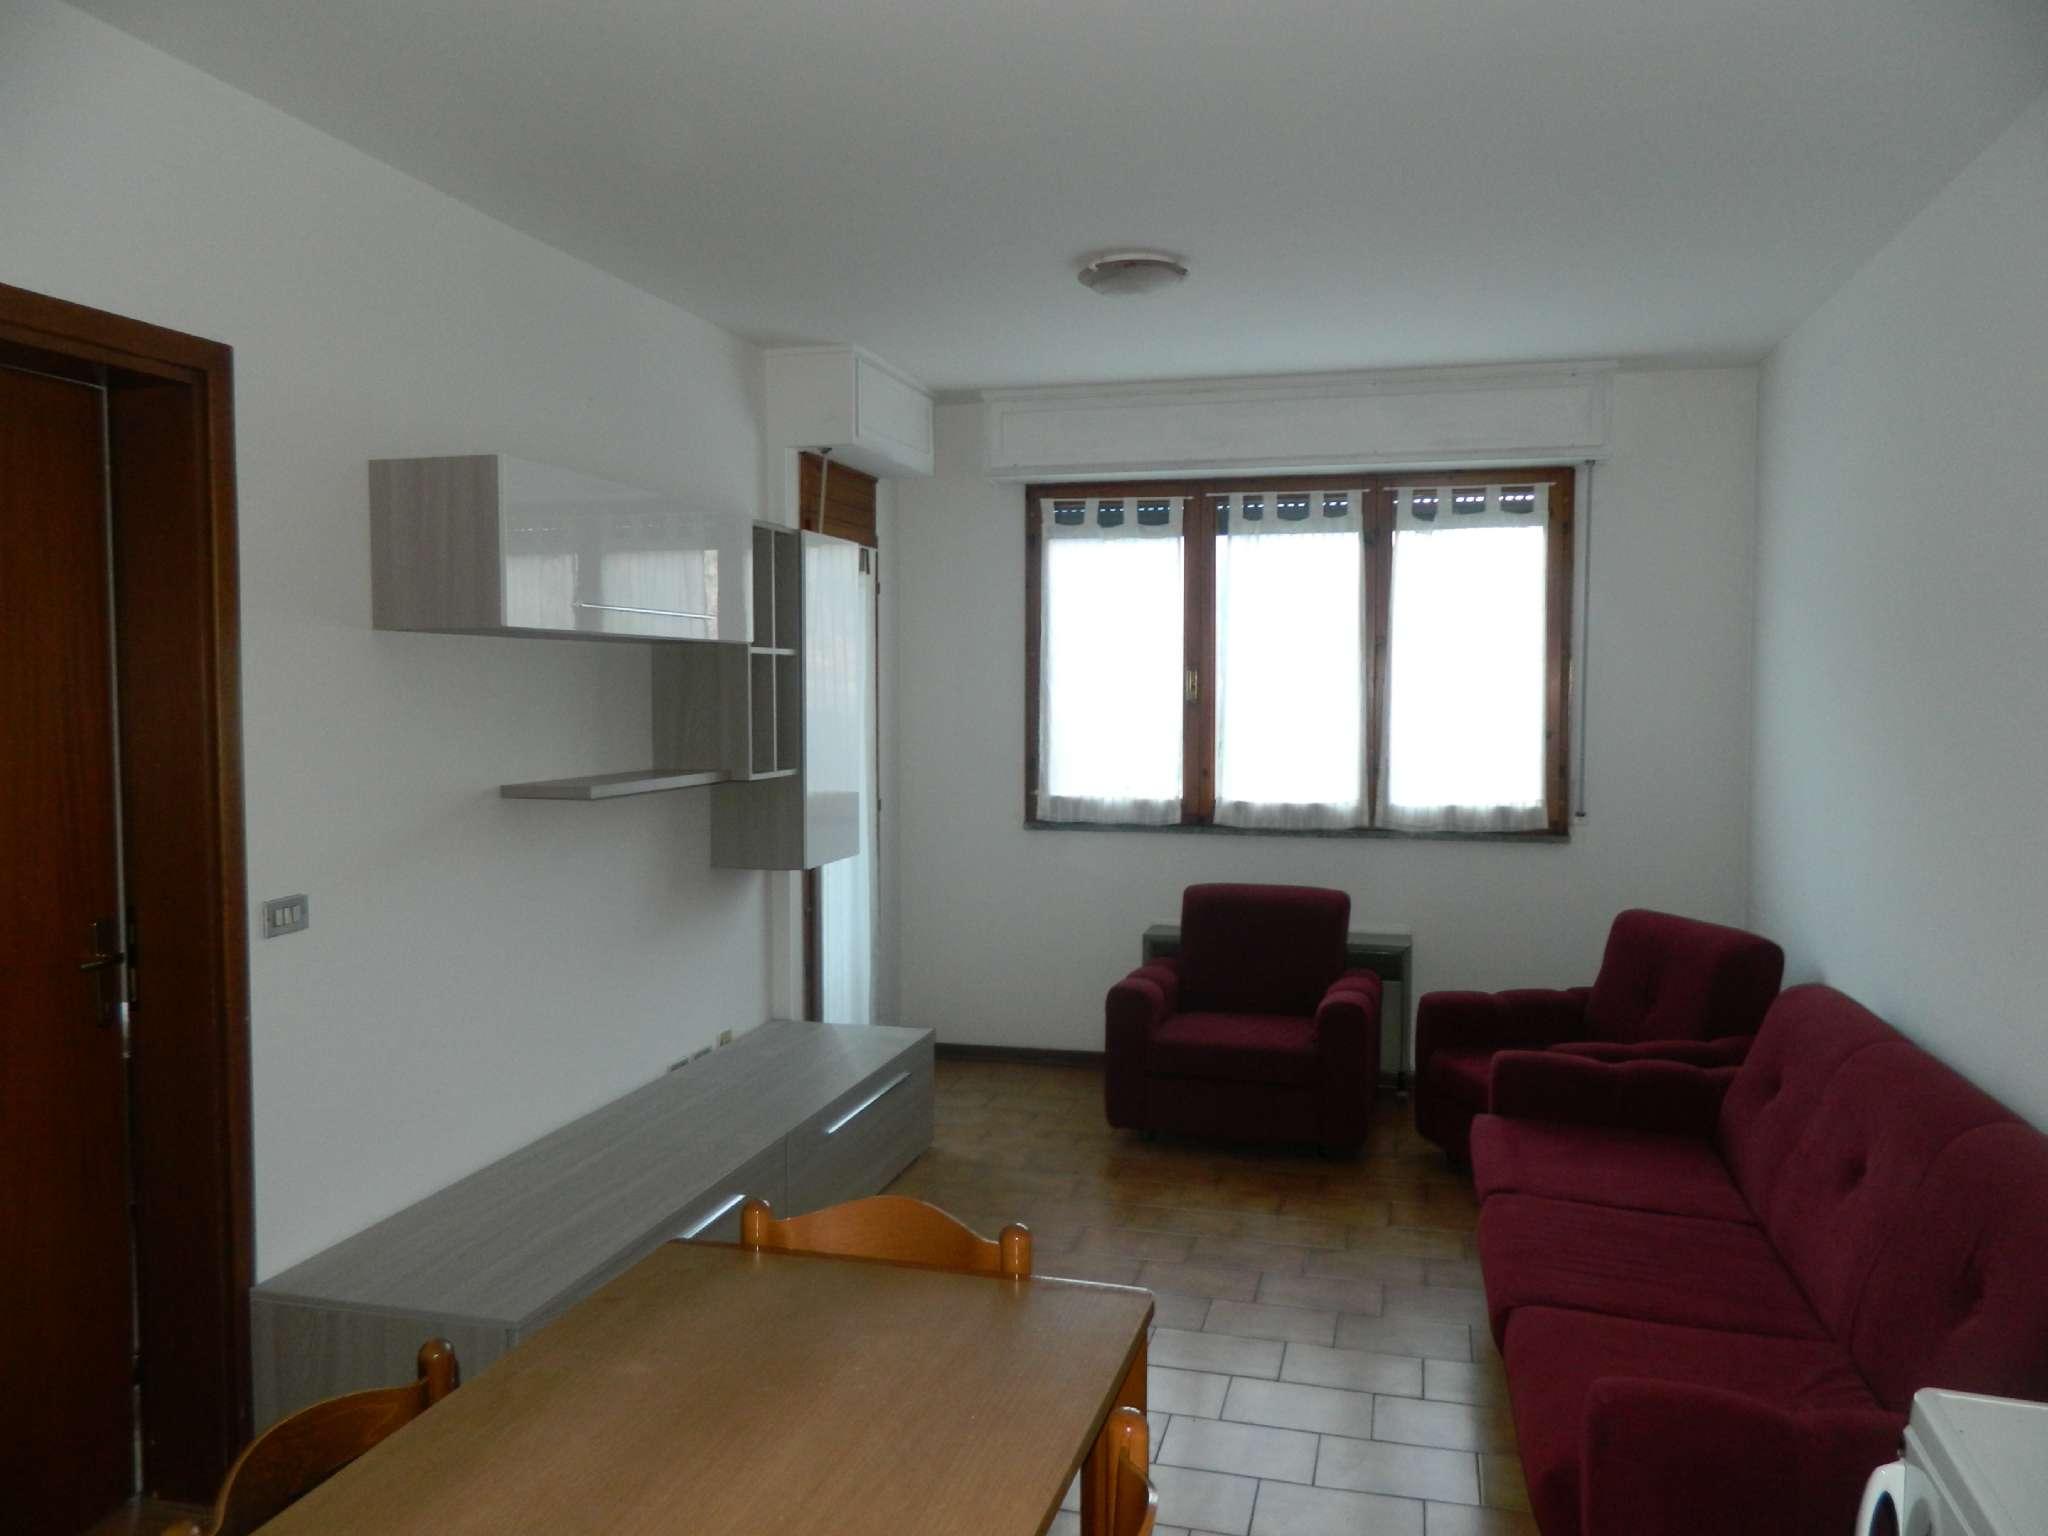 Appartamento in affitto a Sondrio, 2 locali, prezzo € 320 | CambioCasa.it